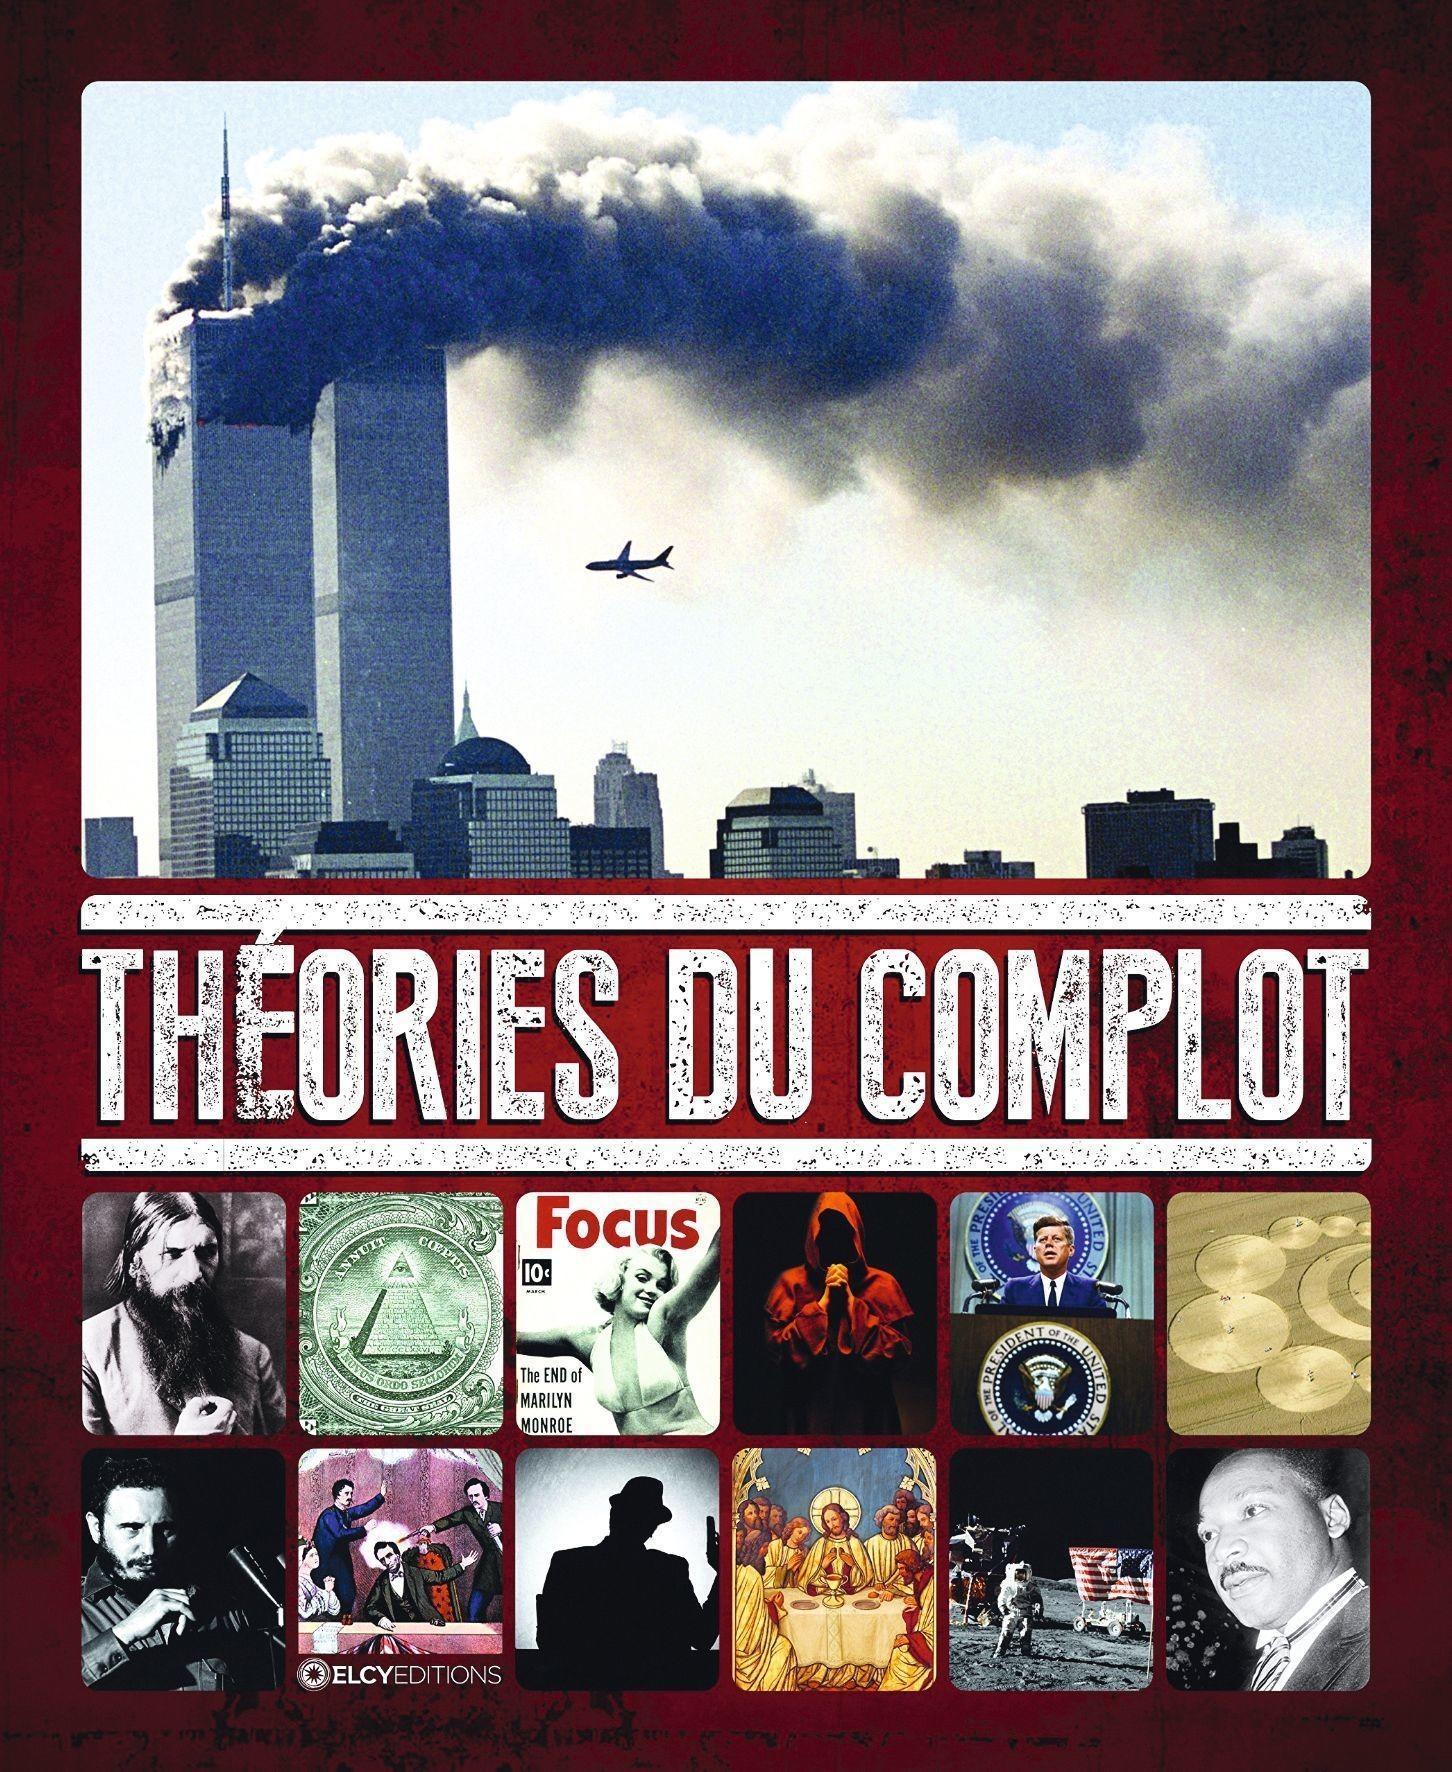 Couverture de l'ouvrage de Will Bryan, Théories du complot, 2014